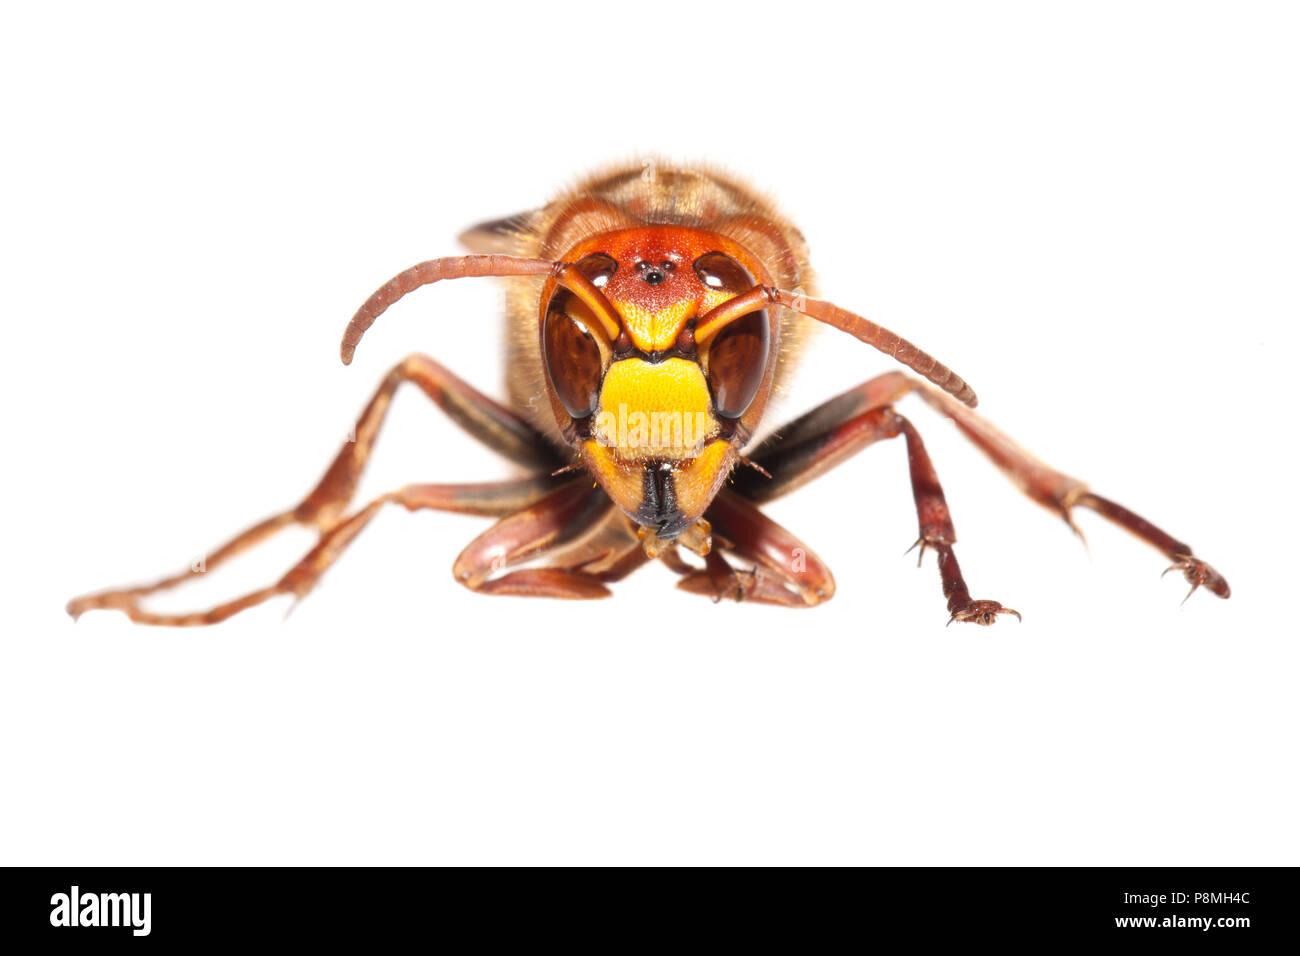 Hornet isoliert gegen einen weißen Hintergrund Stockbild